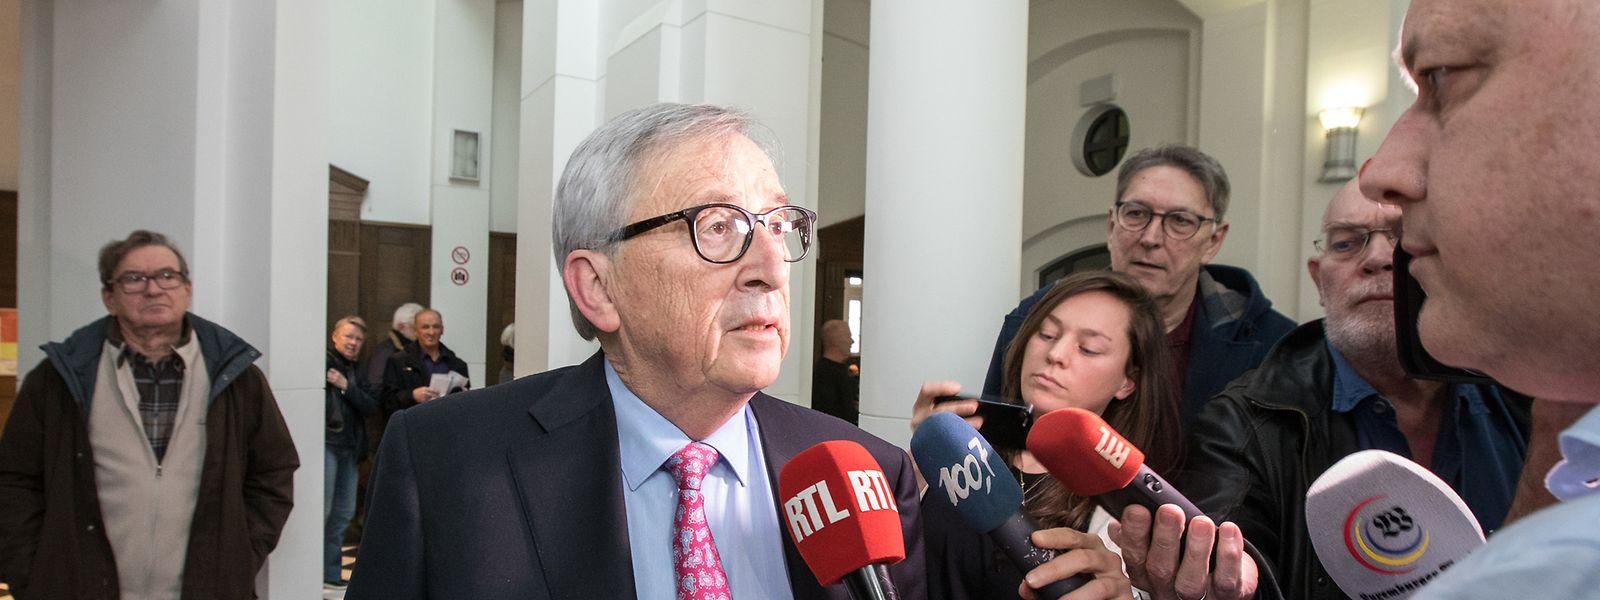 Juncker gibt ein Interview nach der Sitzung.